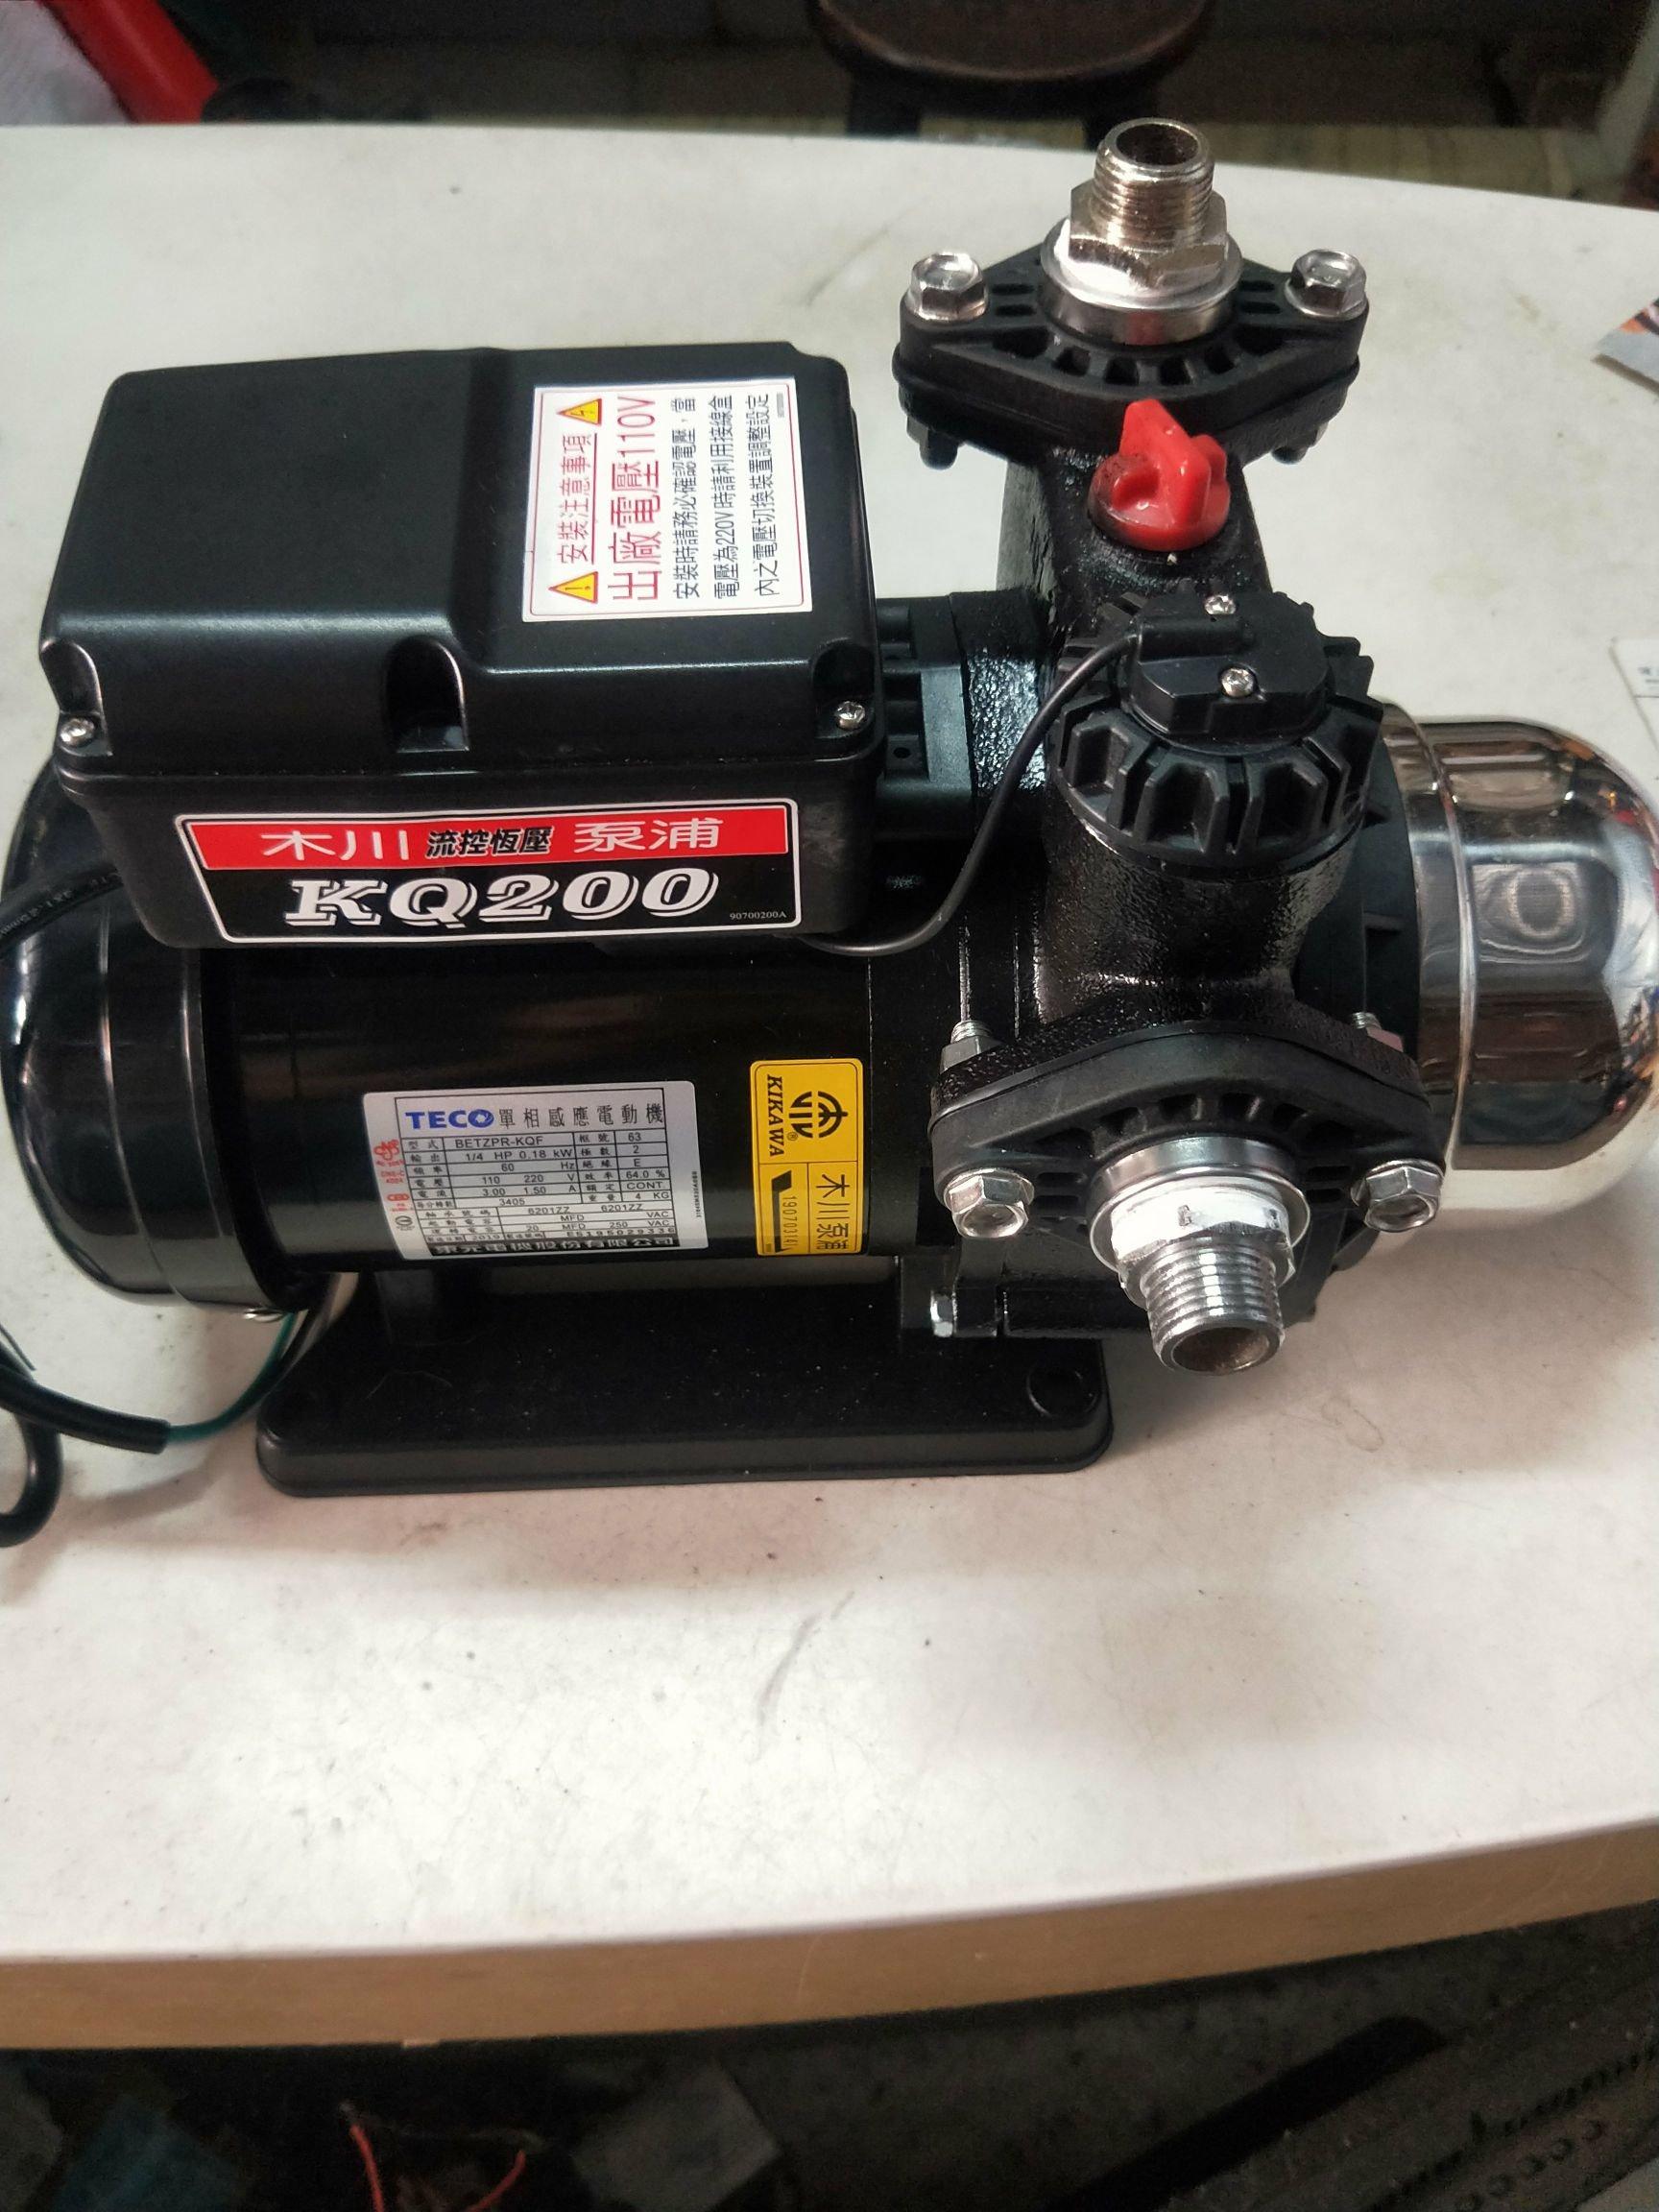 我要買 我要裝 我要修 到府安裝加壓馬達木川 大井 靜音型KQ200 KQ400N 傳統型 維修理電子控制器 壓力開關 啟動電容 拆舊換新